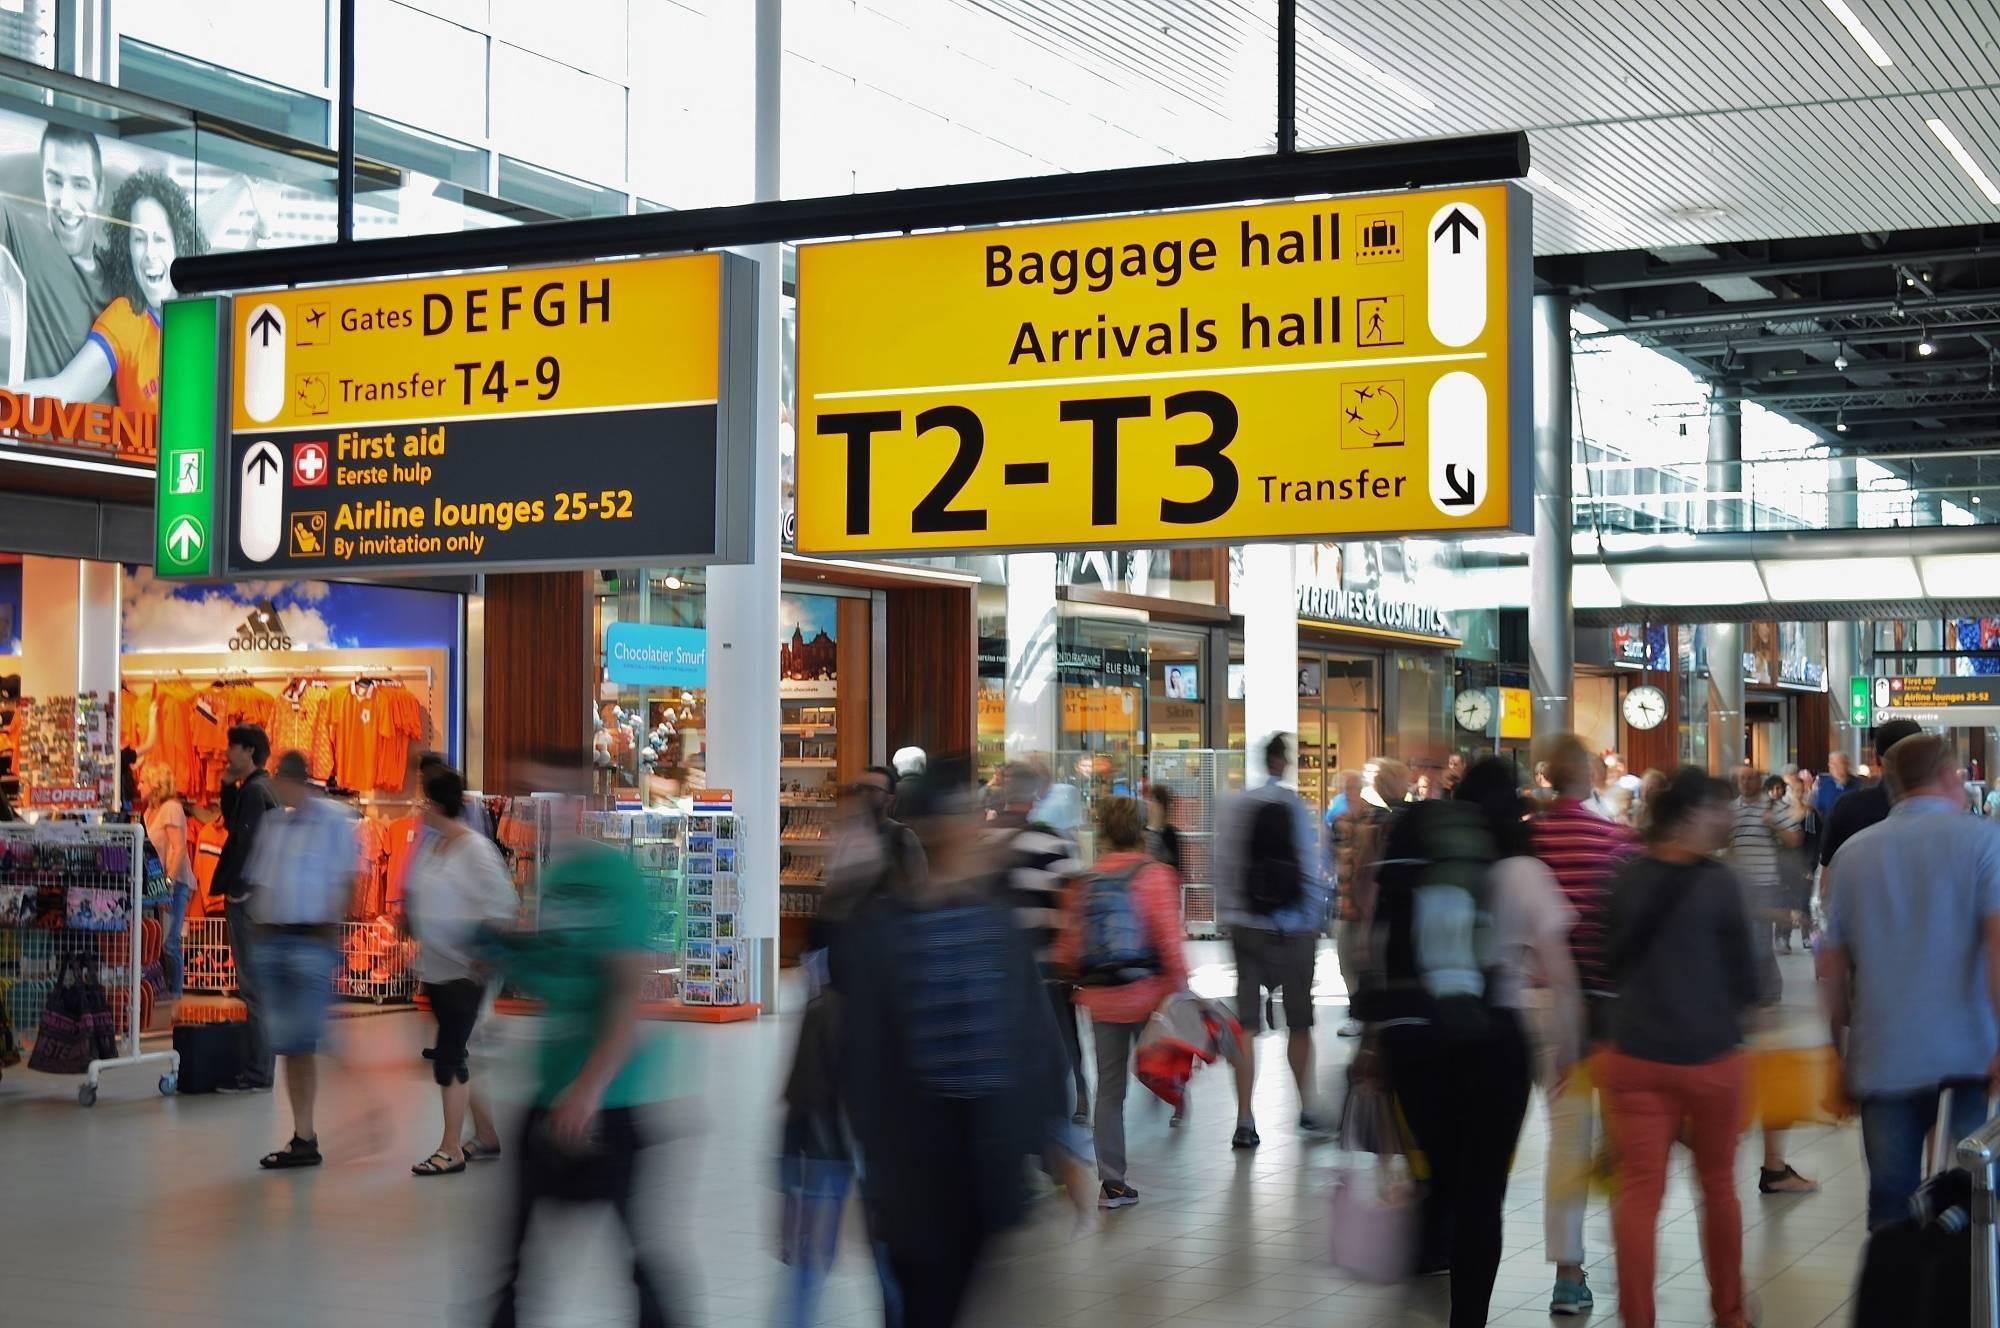 Aeroporto Sp : Traslado privativo aeroporto de congonhas cgh around sp tour